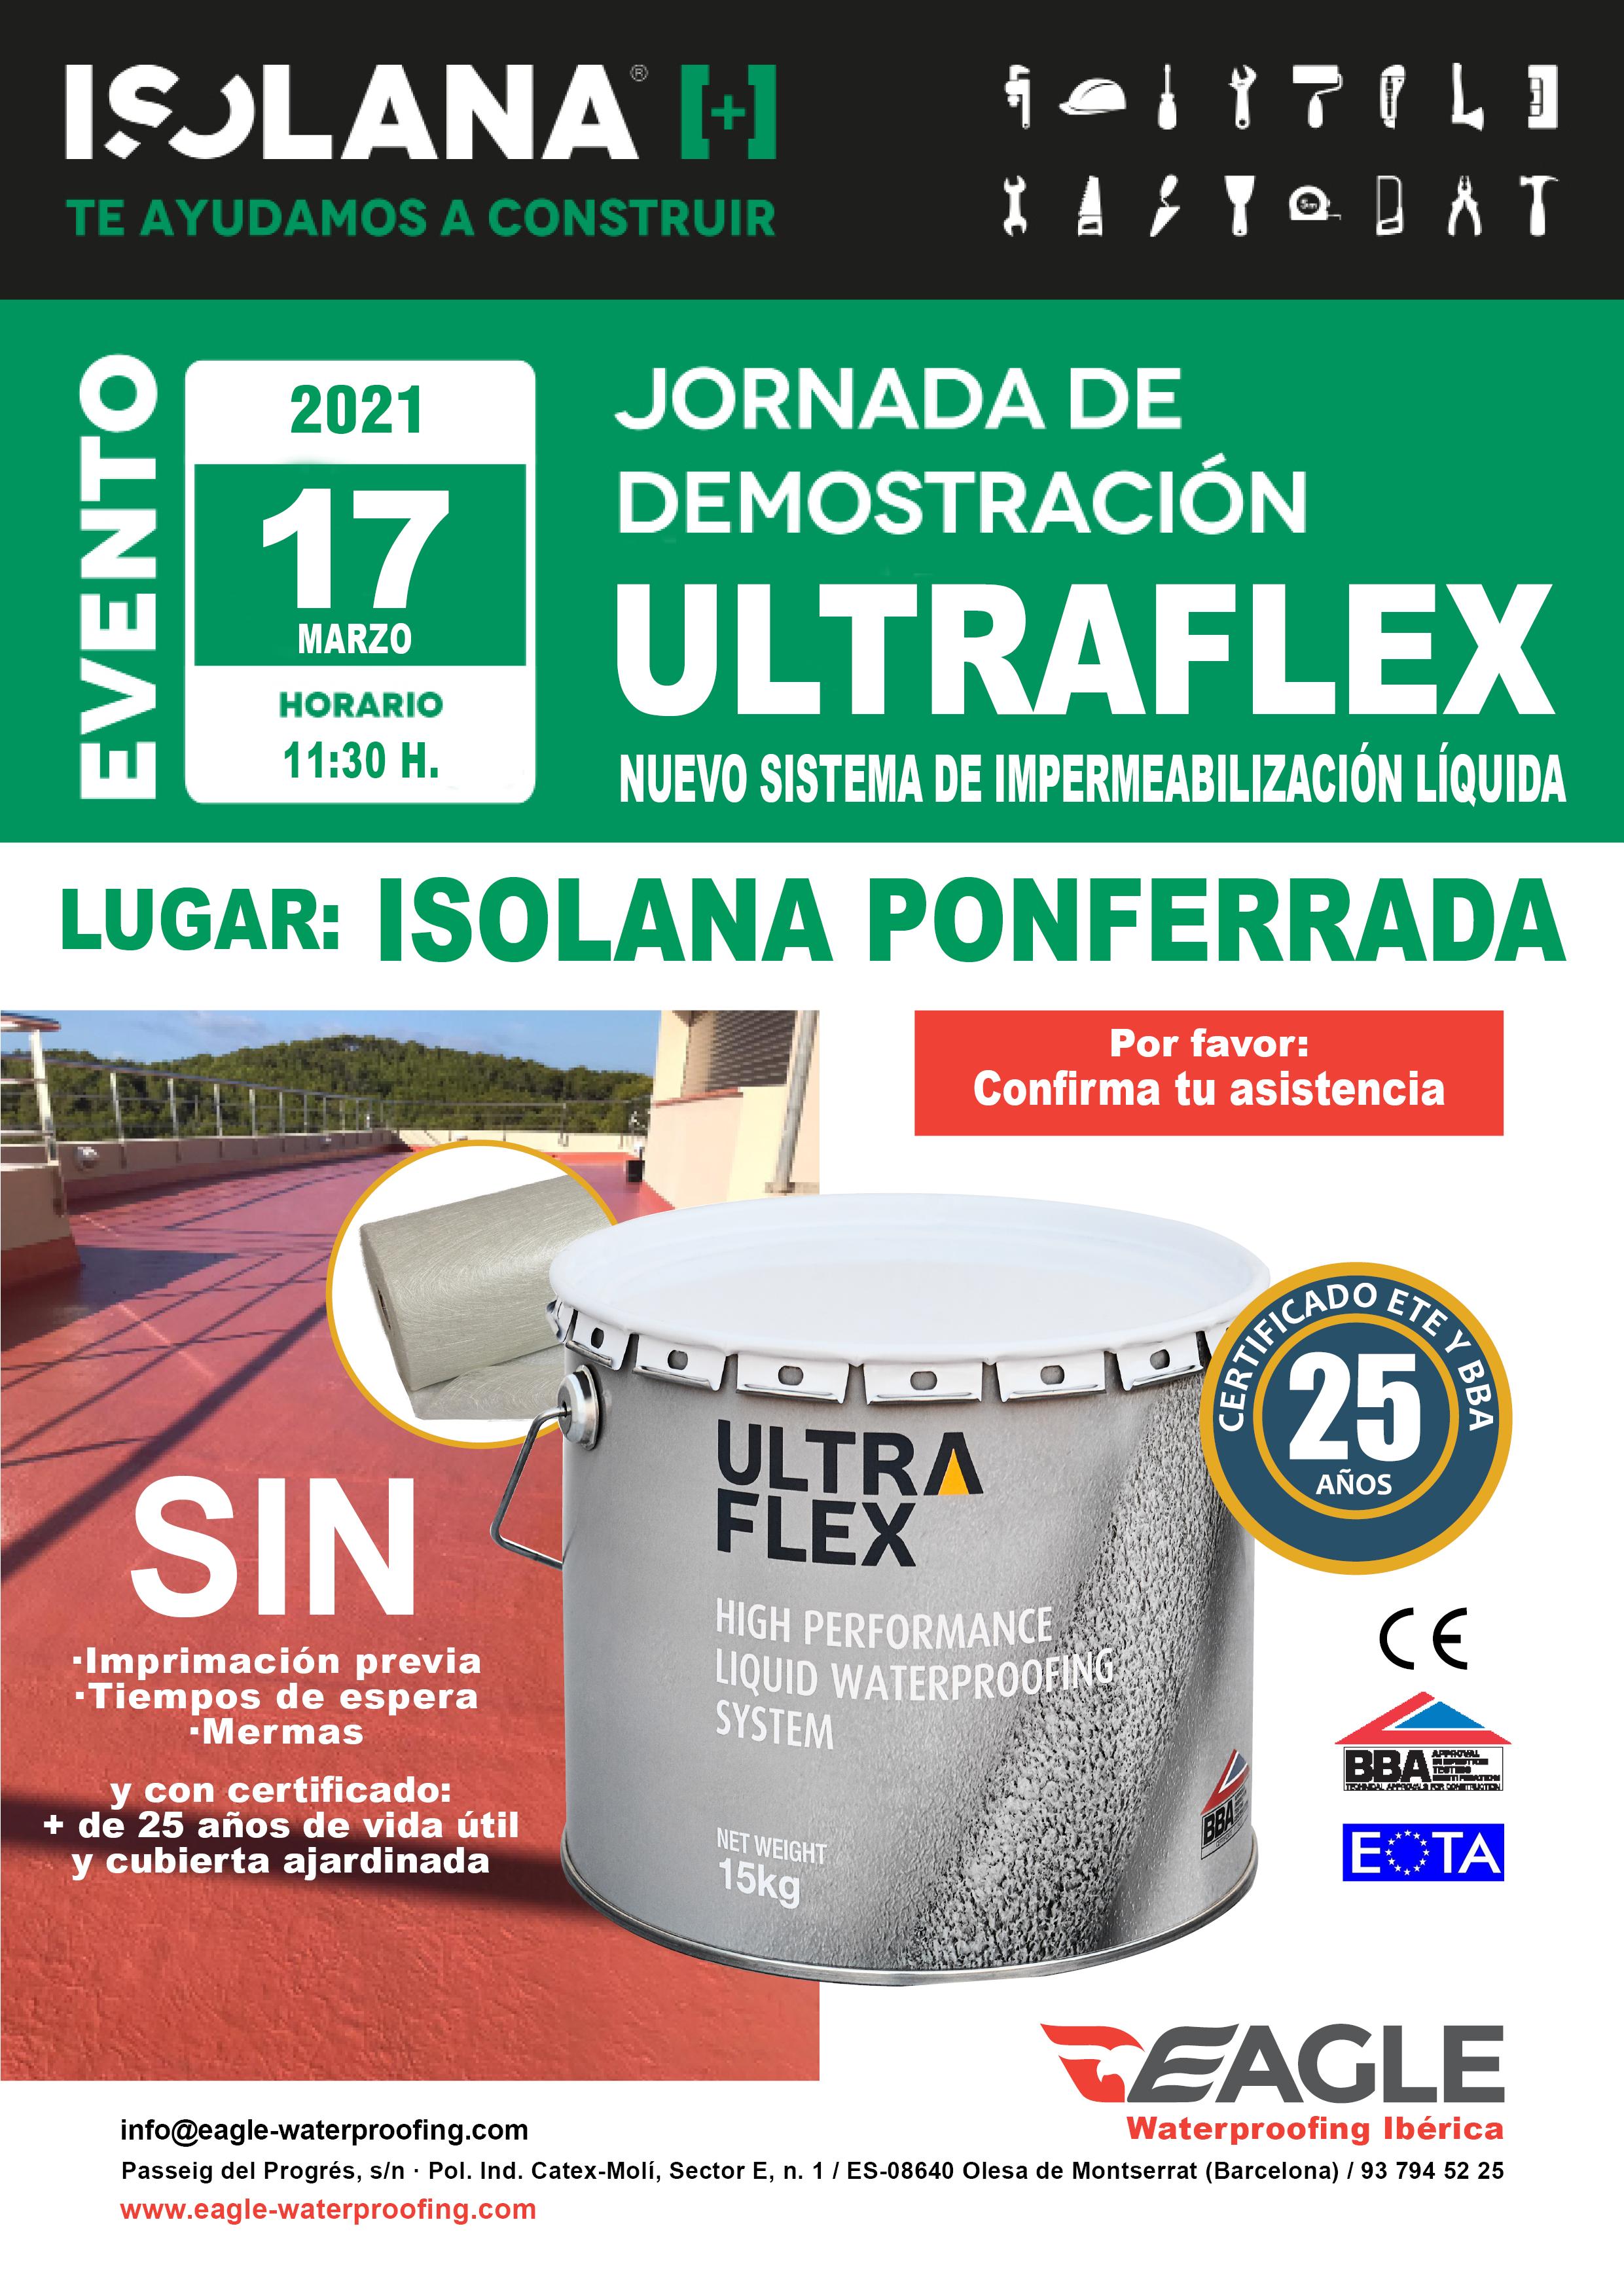 Jornada de demostración ULTRAFLEX en ISOLANA PONFERRADA